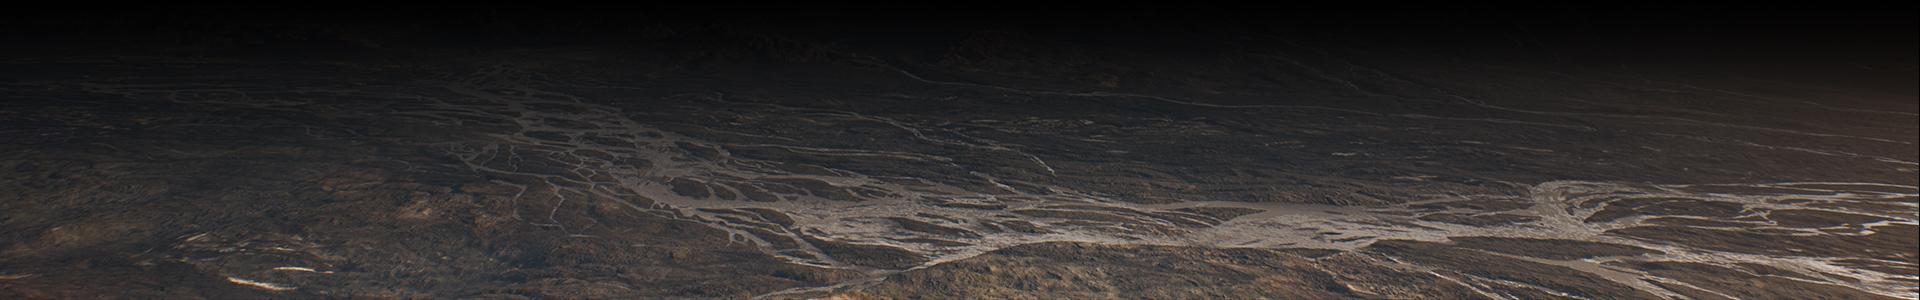 Topp ned utsikt over en dal ved foten av et fjell